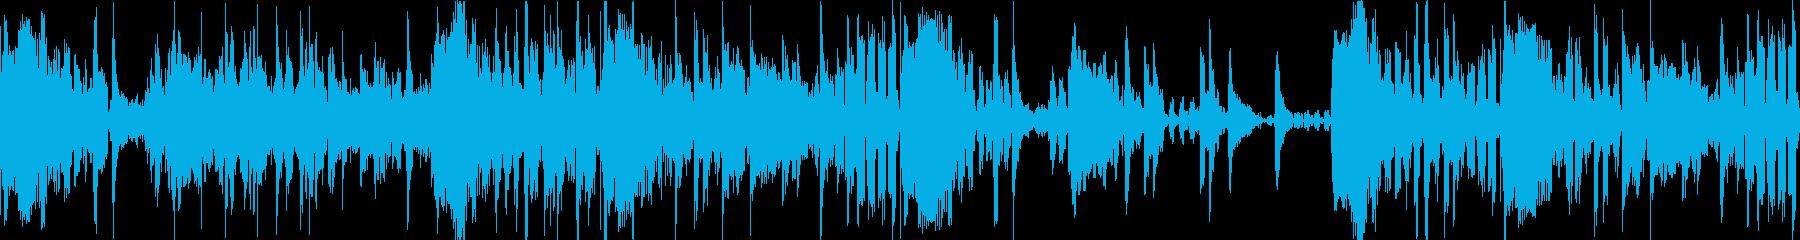 ディレイ空間音入りHIPHOPドラムの再生済みの波形